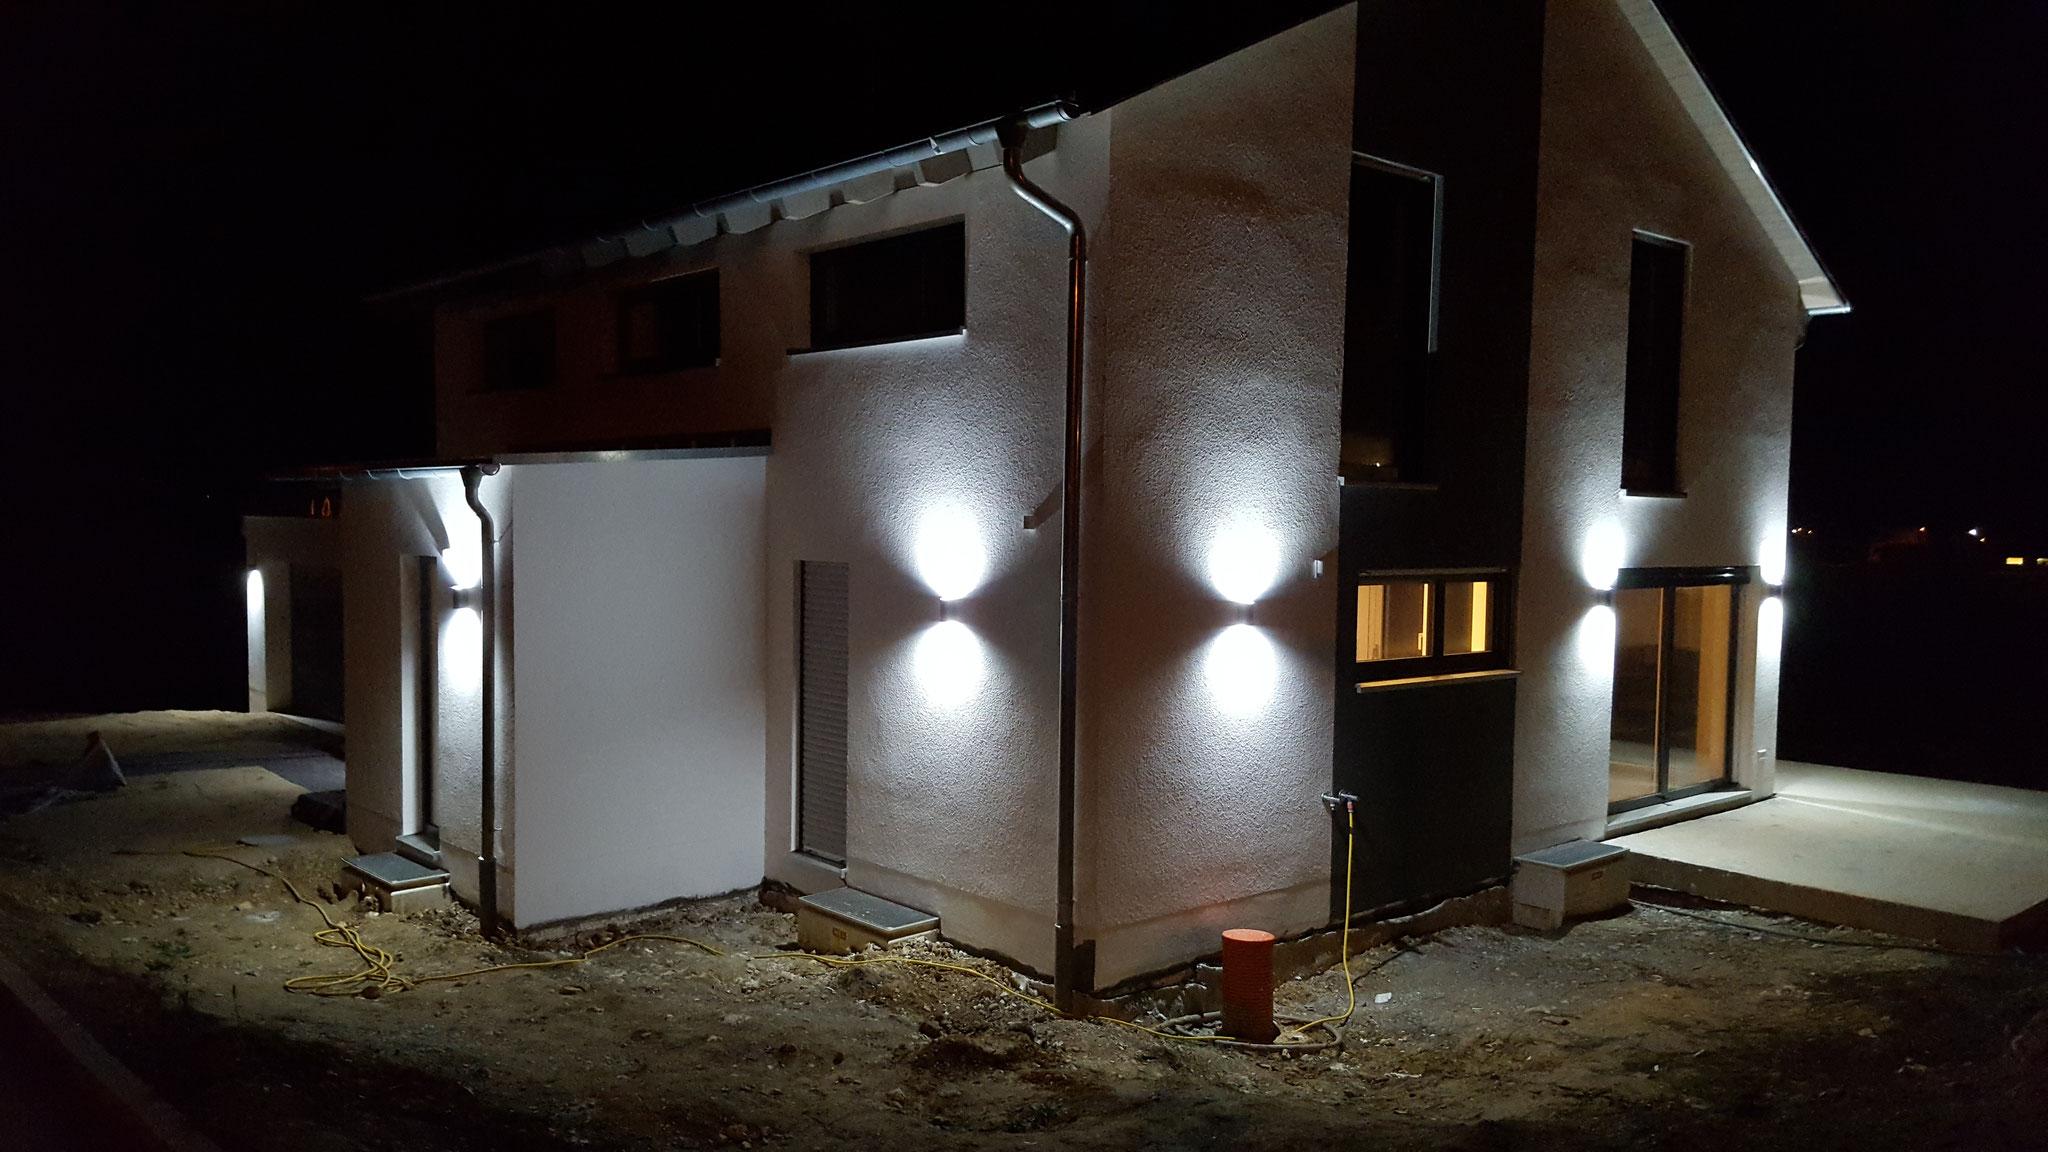 Wir bauen ein Haus - Unser Traum vom Haus!